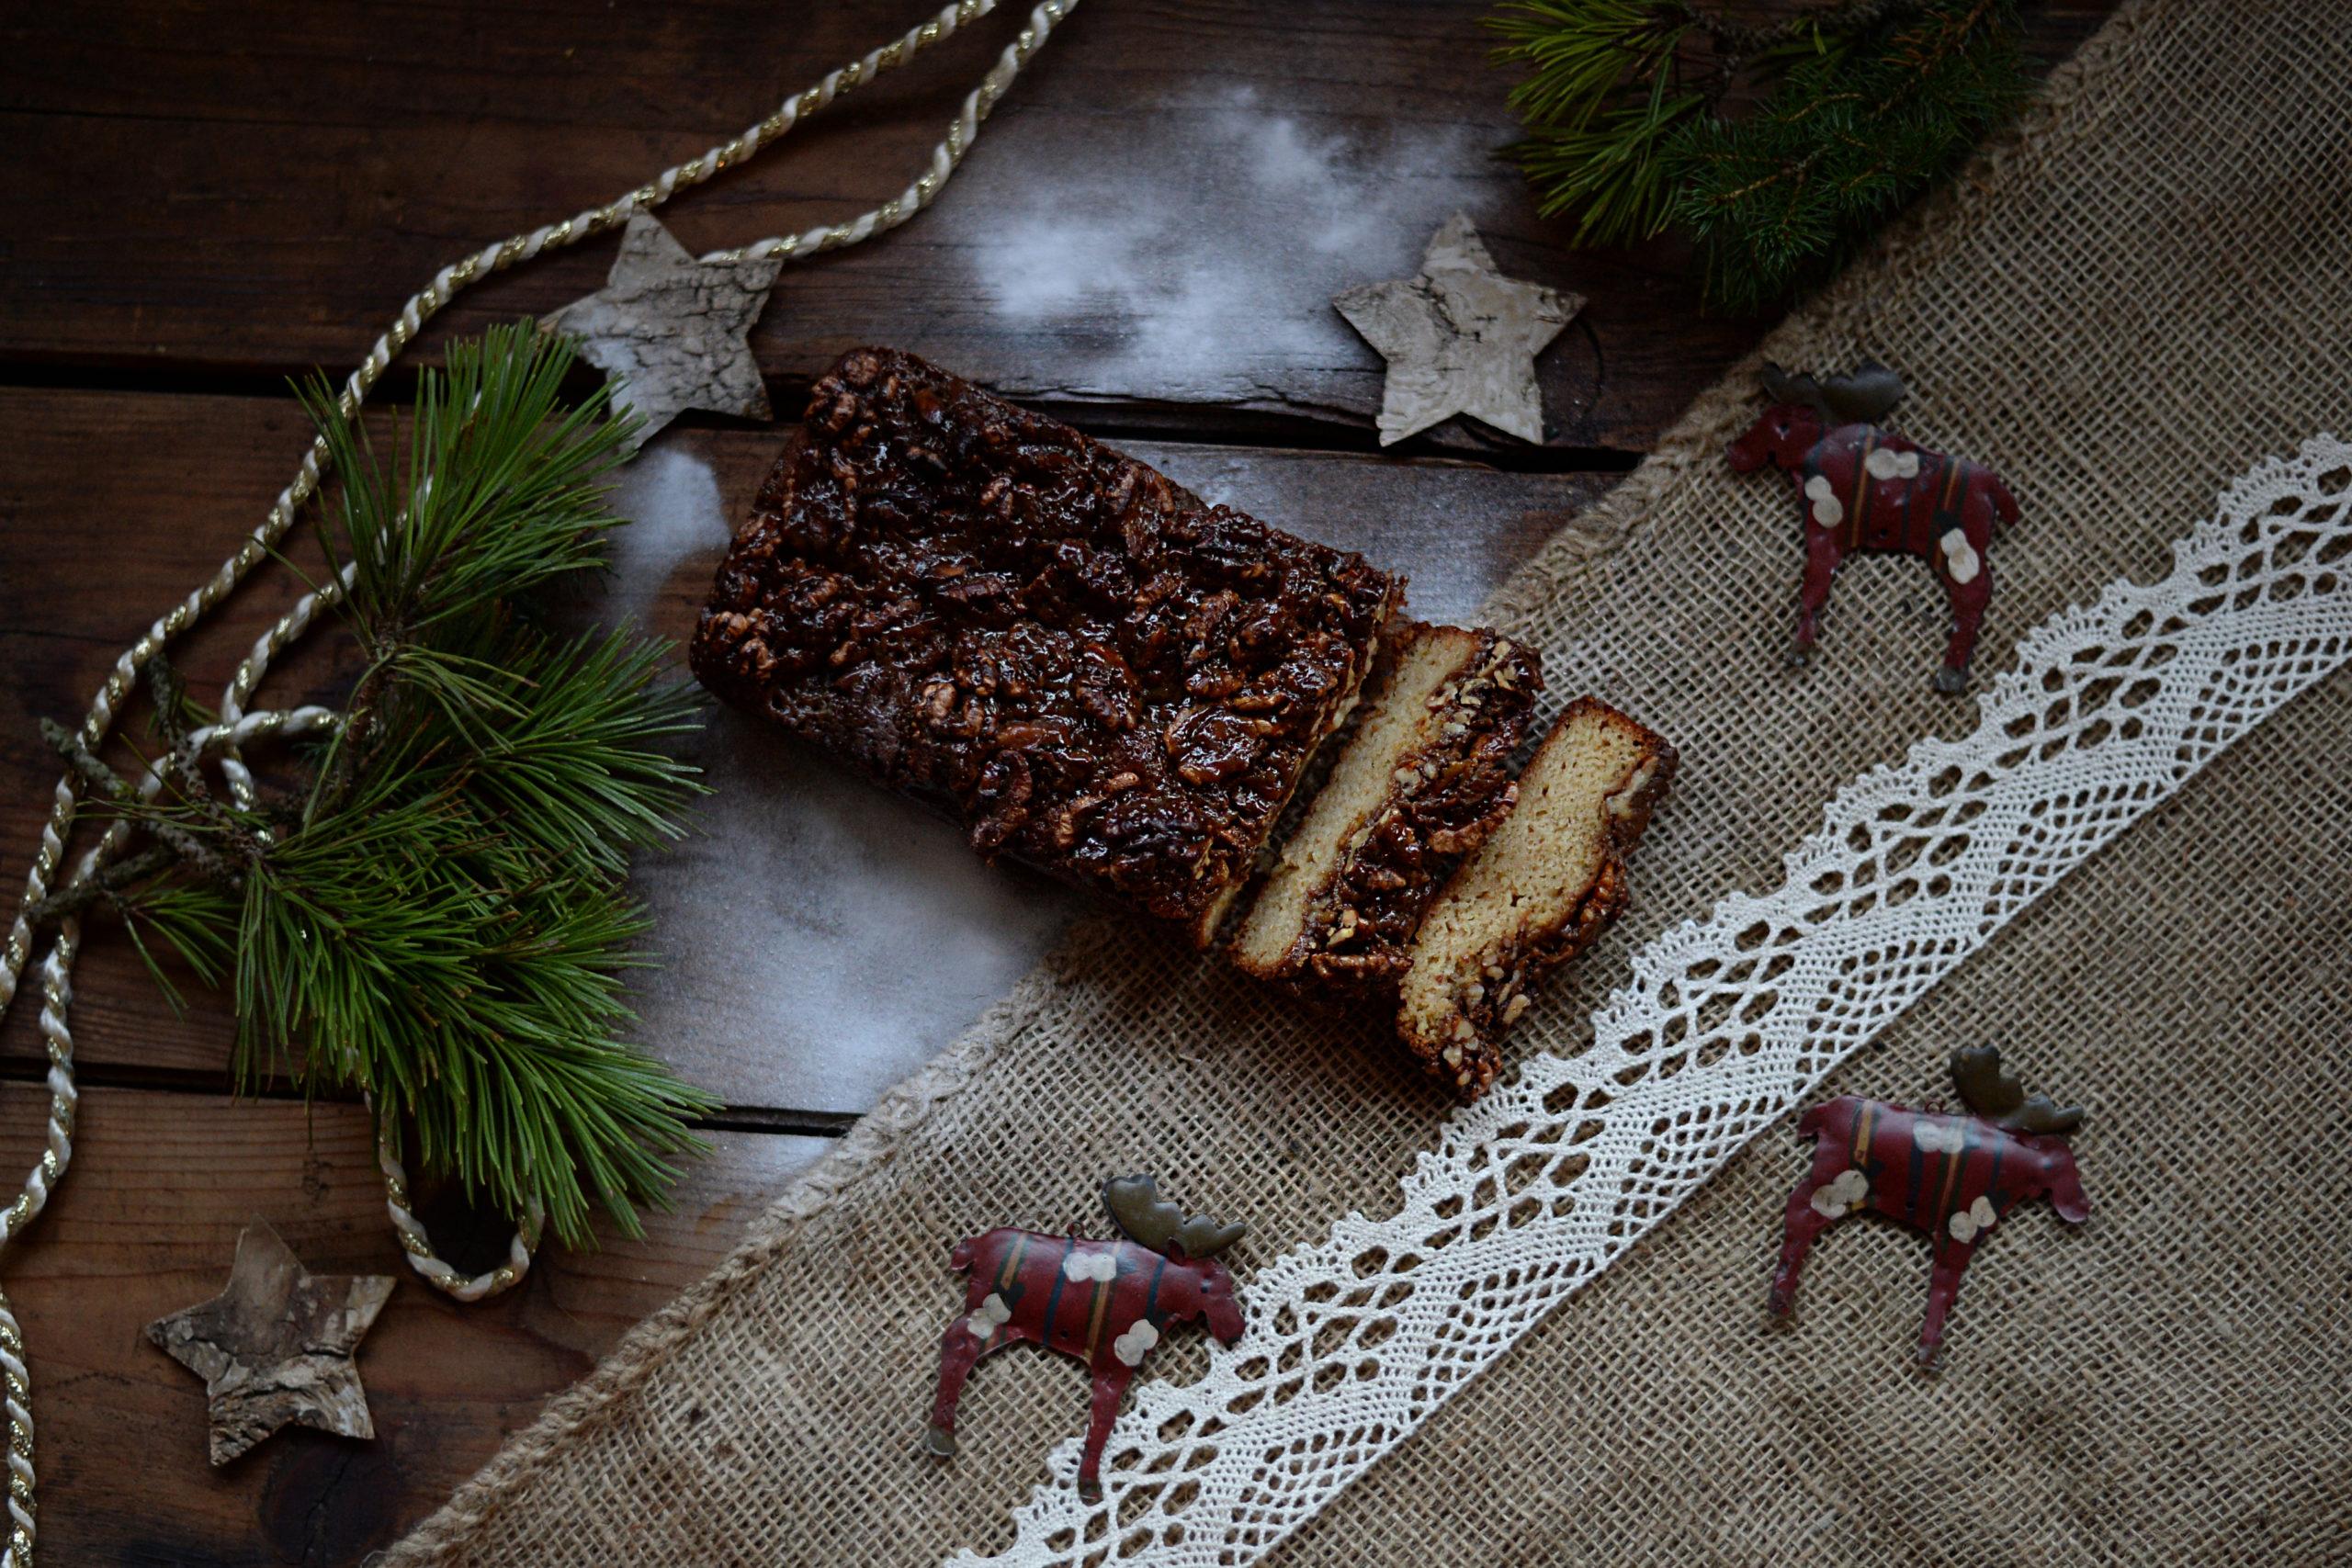 Chlebíček s karamelizovanými vlašskými ořechy